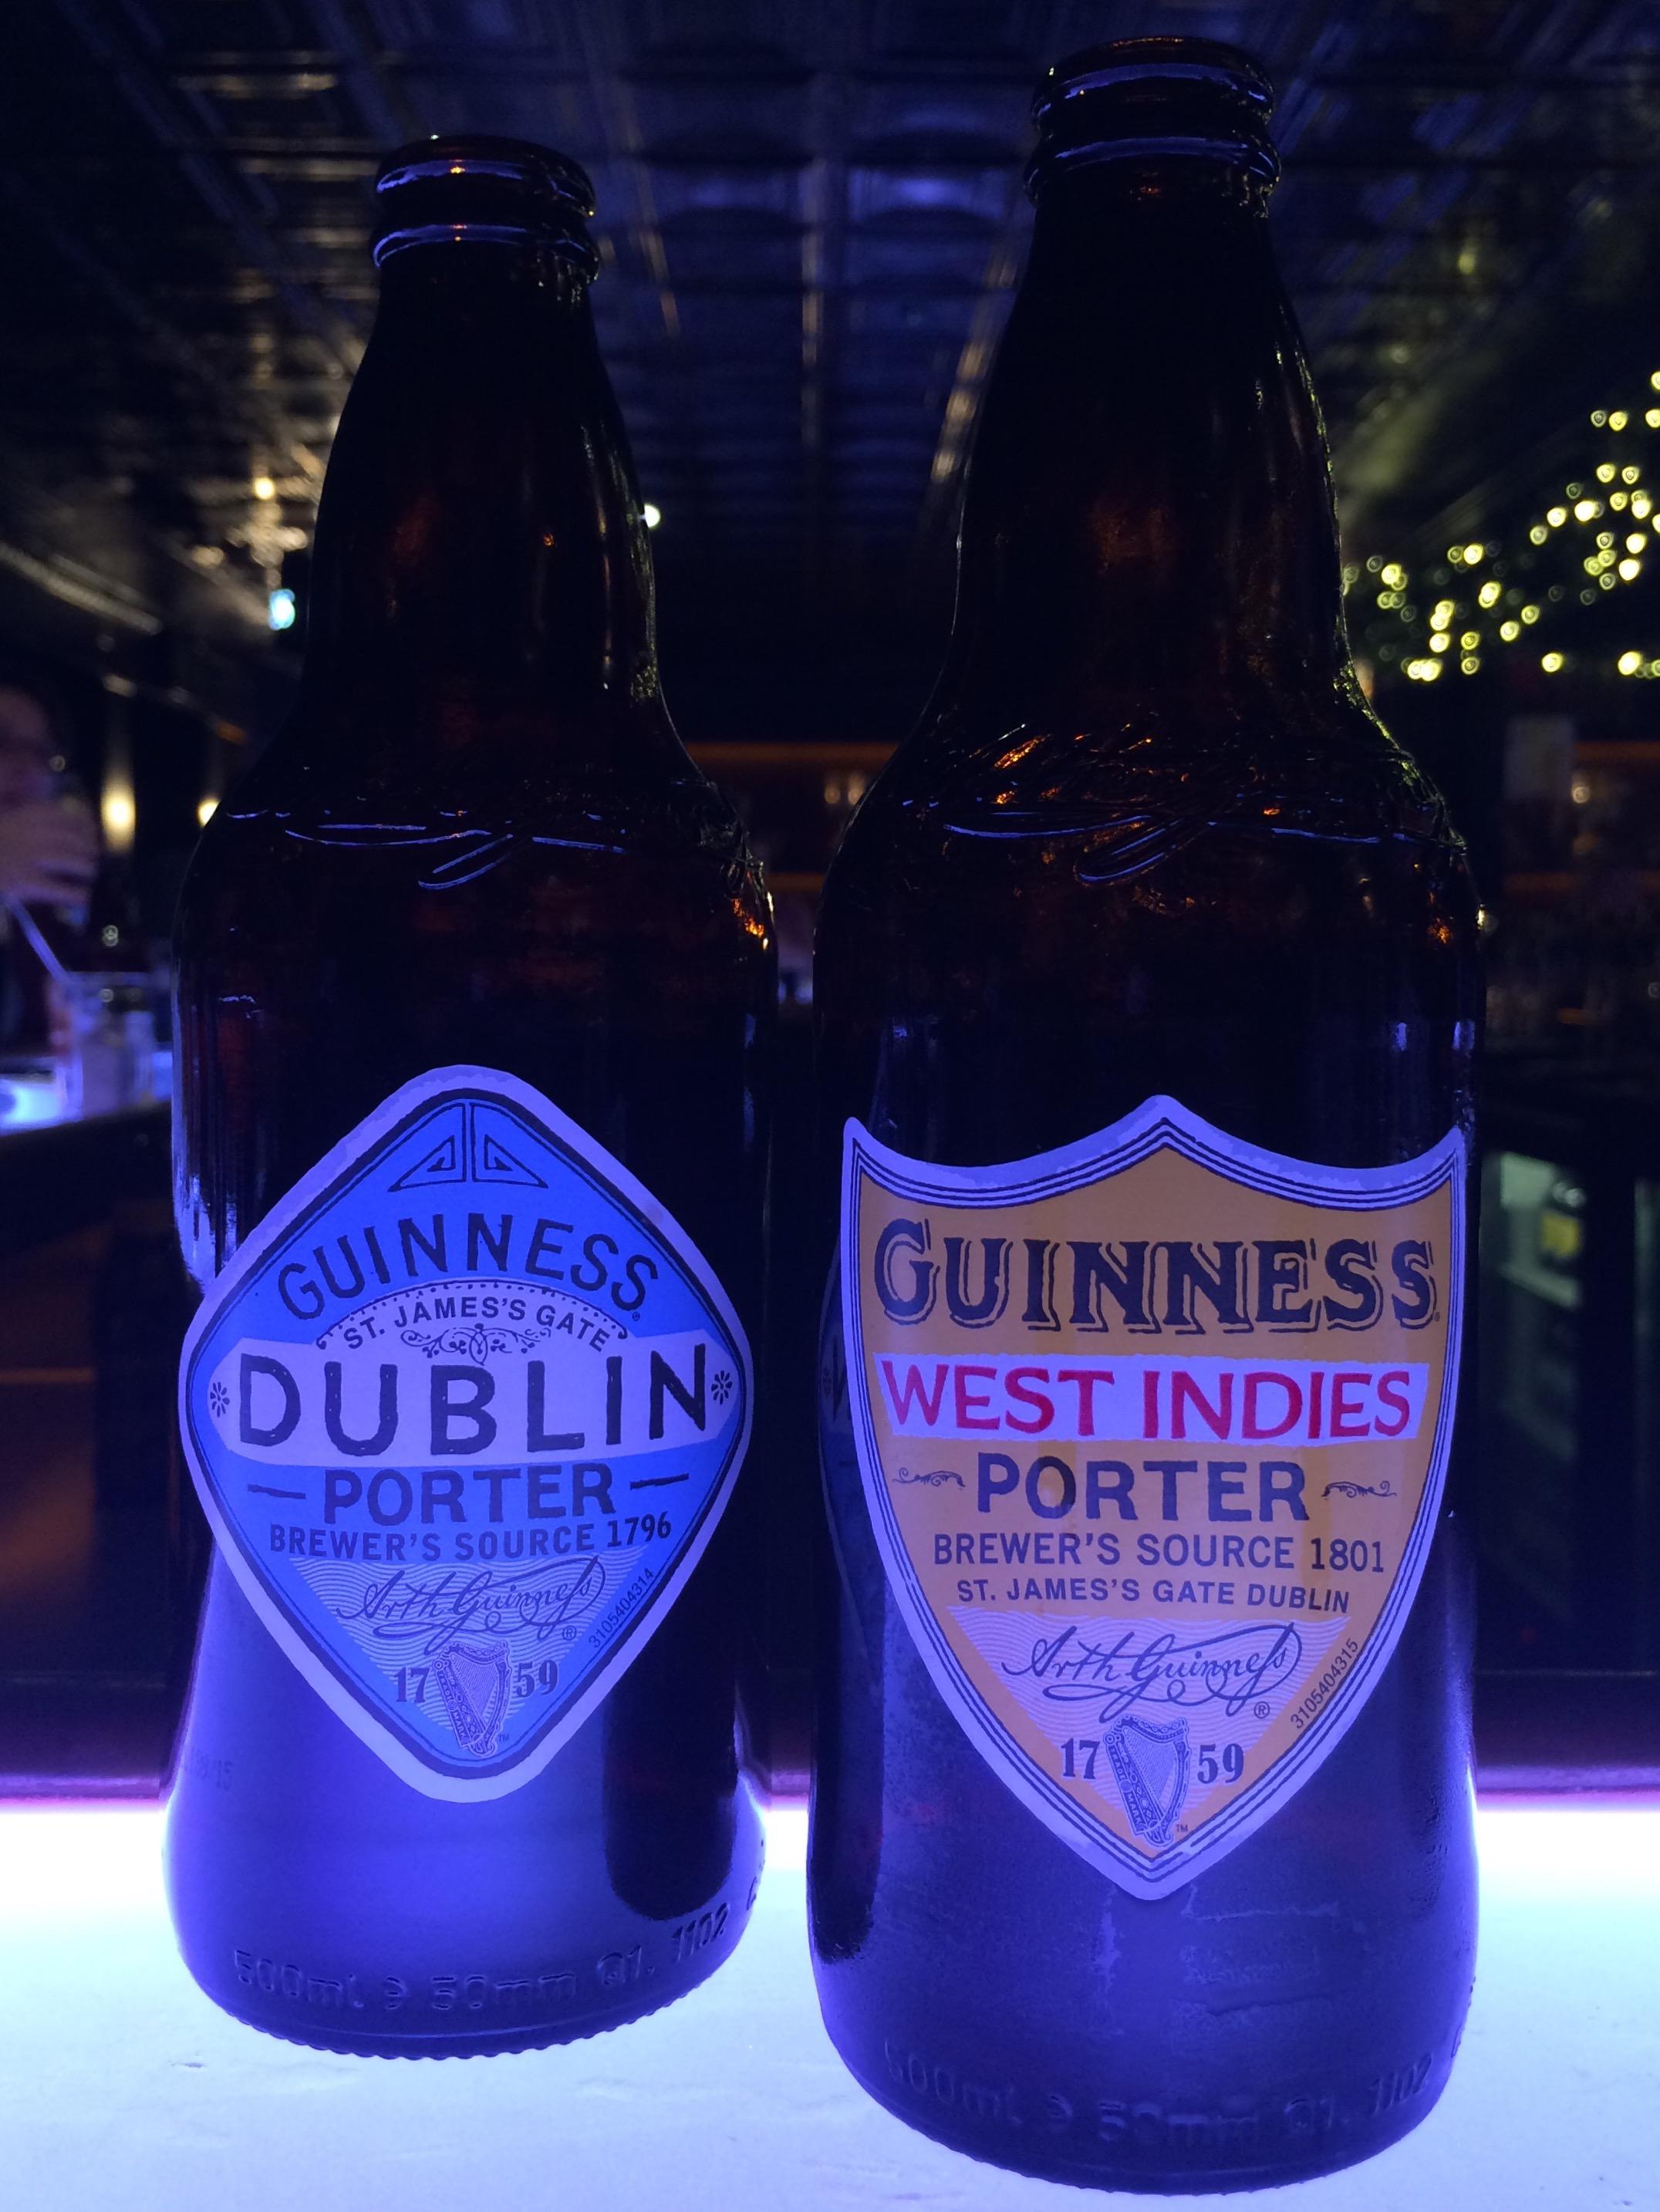 Guinness Dublin Porter and Guinness West Indies Porter inside the Guinness Connoisseur Bar.